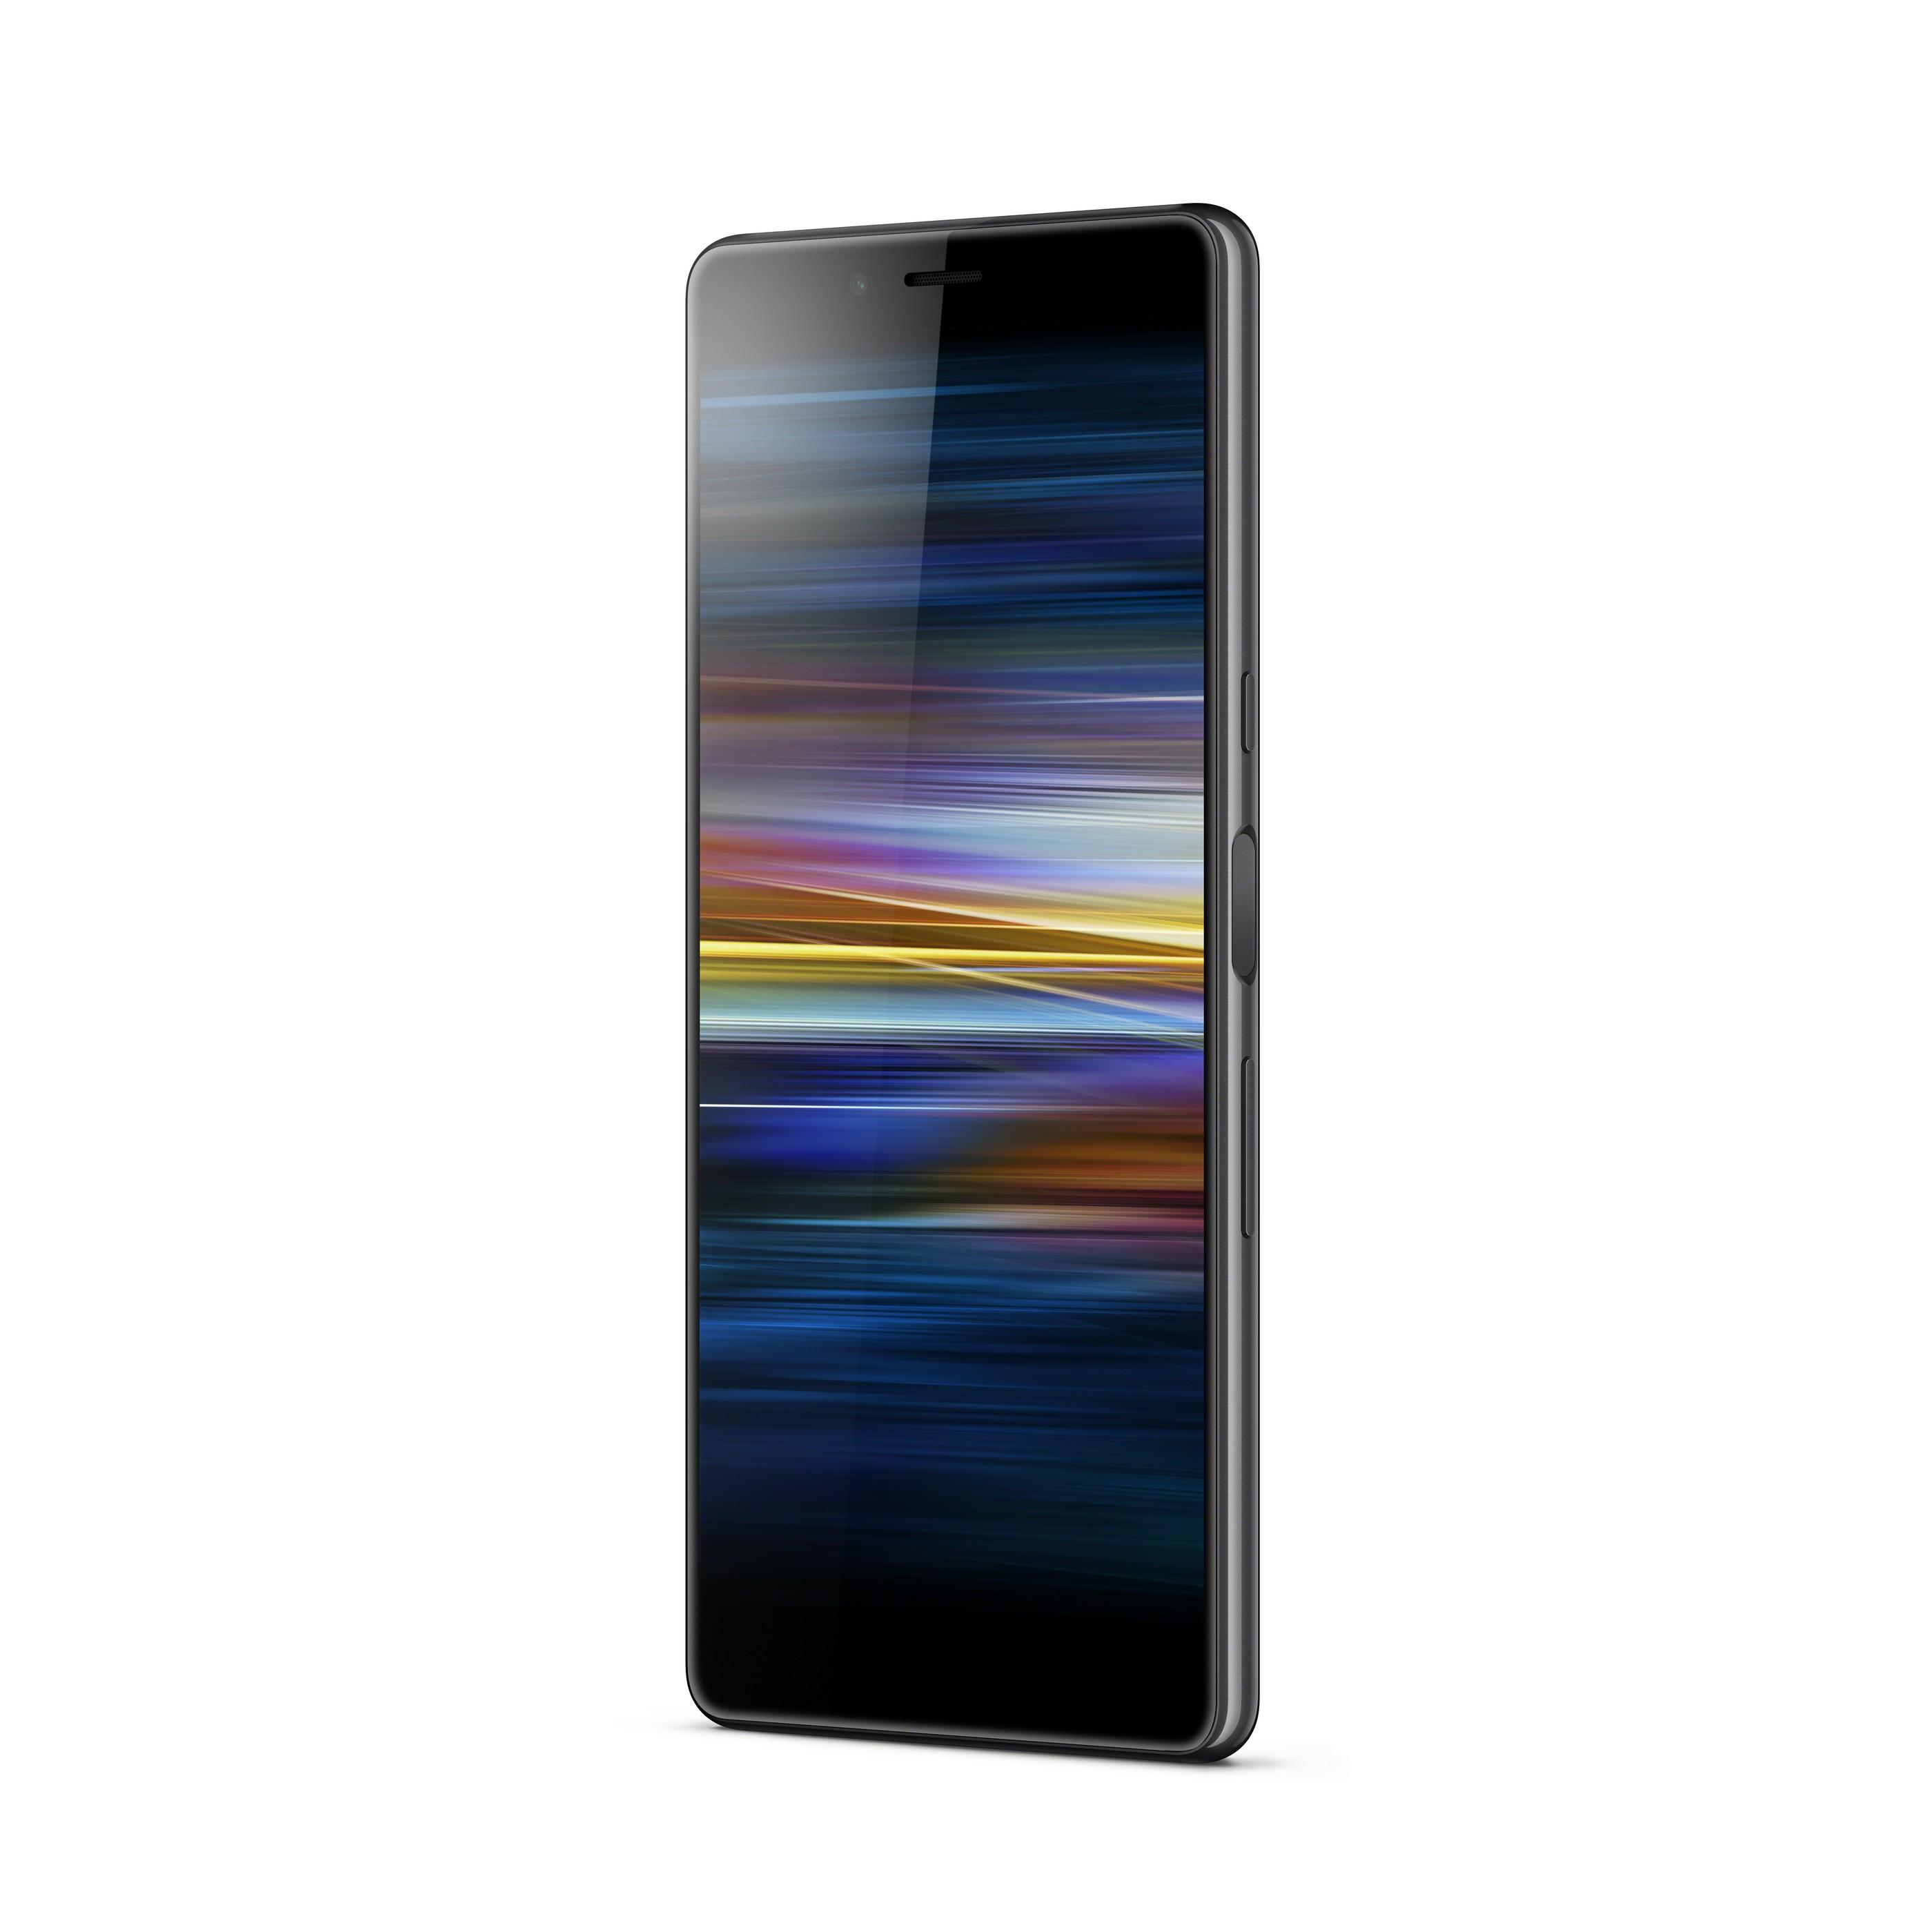 44ad9a58fa2 Hinnavaatlus - Sony Xperia L3 Black